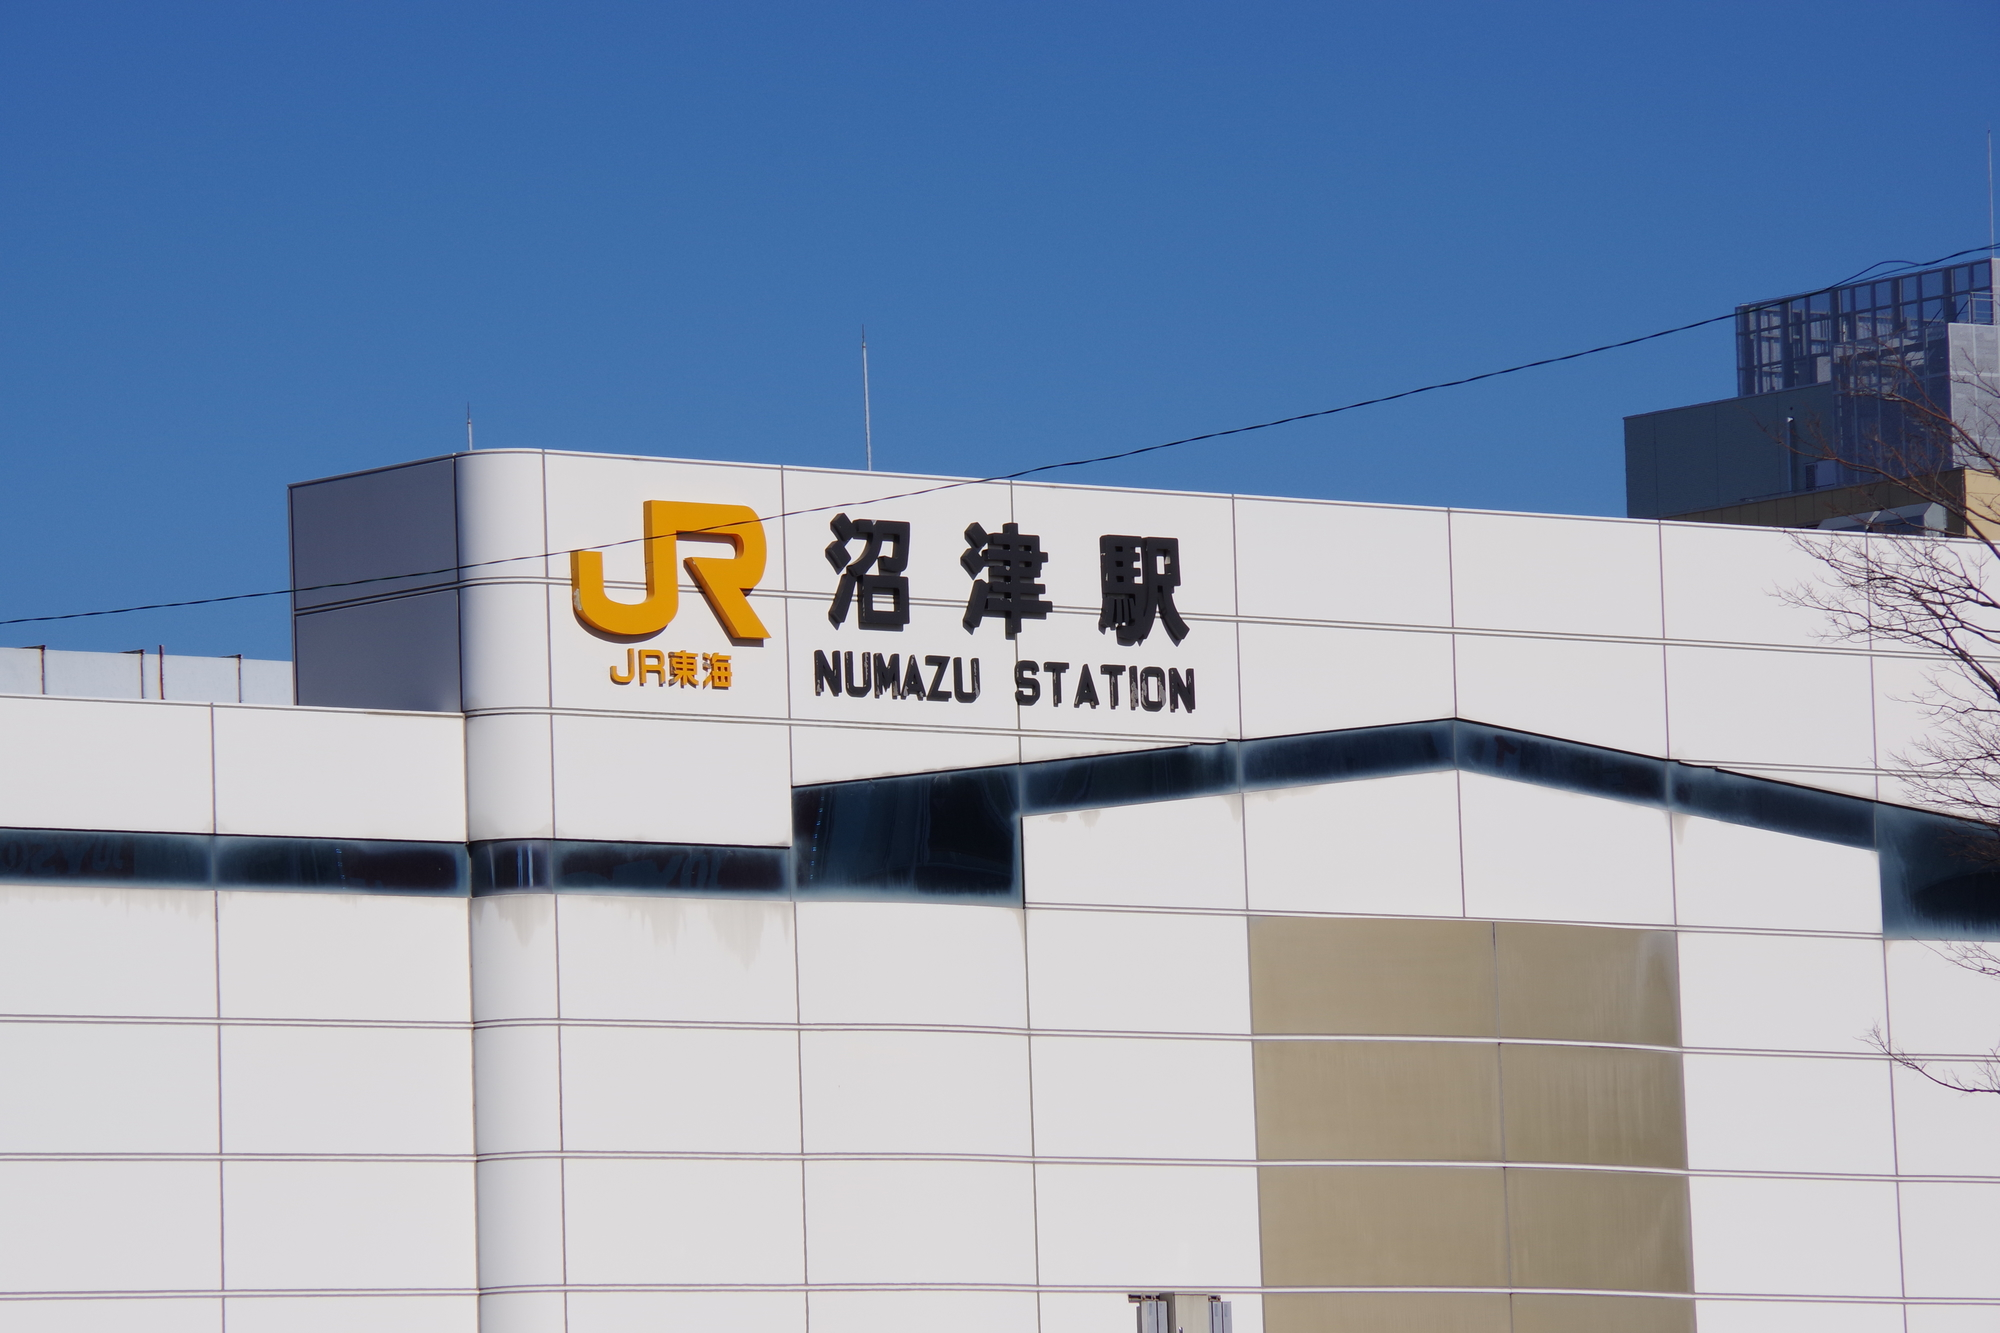 【18時可】沼津駅近くで夕方診療している歯医者4院のおすすめポイント